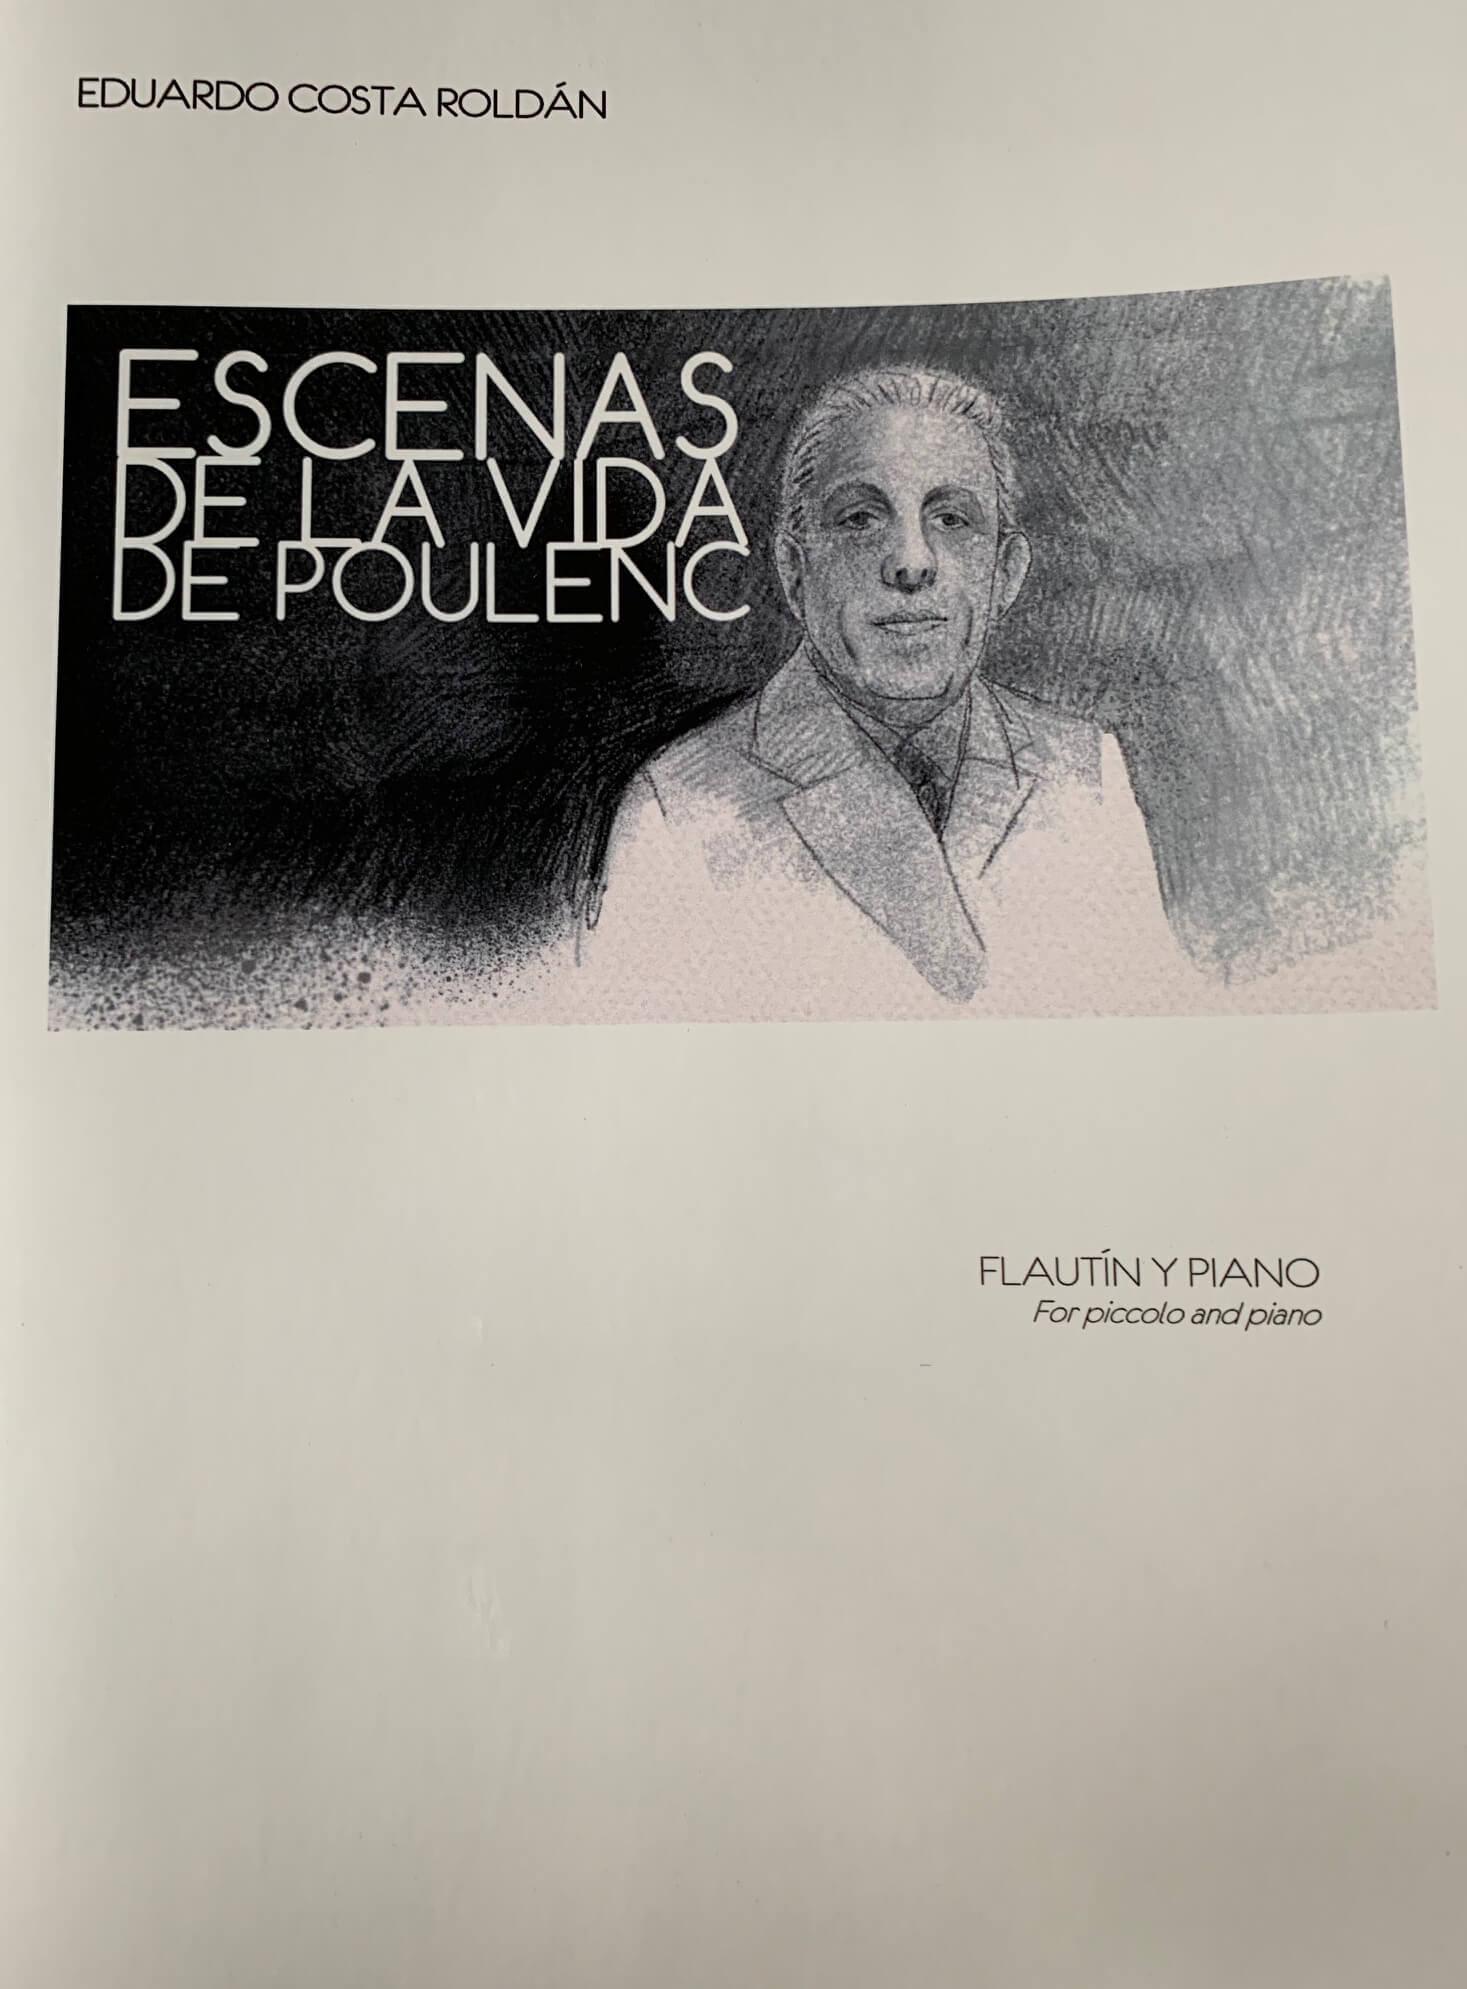 Escenas de la vida de Poulenc. Flautín y piano. Costa